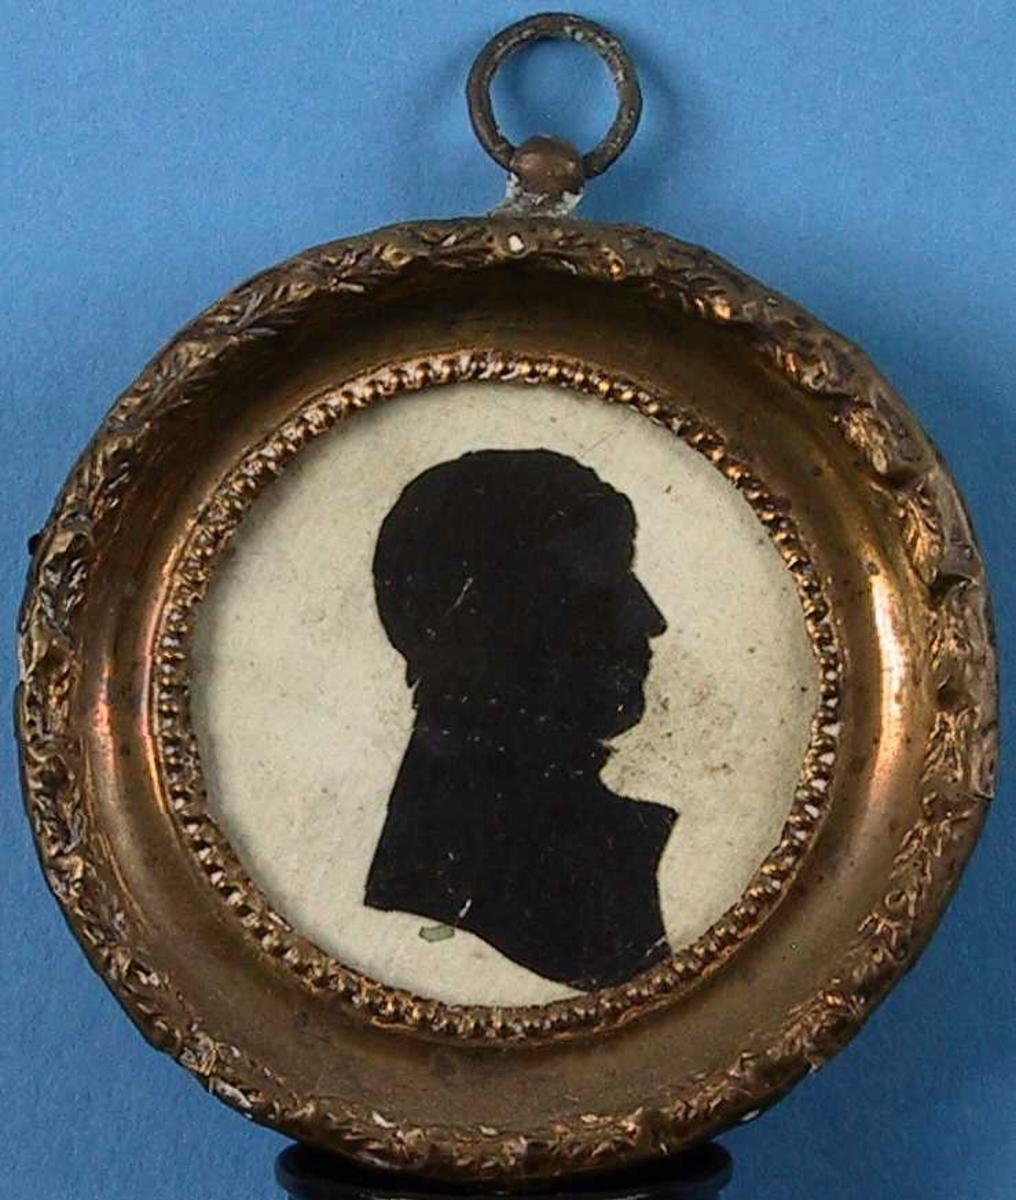 Portrett av kaptein Alking, Yngre mann, høyrevendt med stiplet krage. Avskåret over brystet